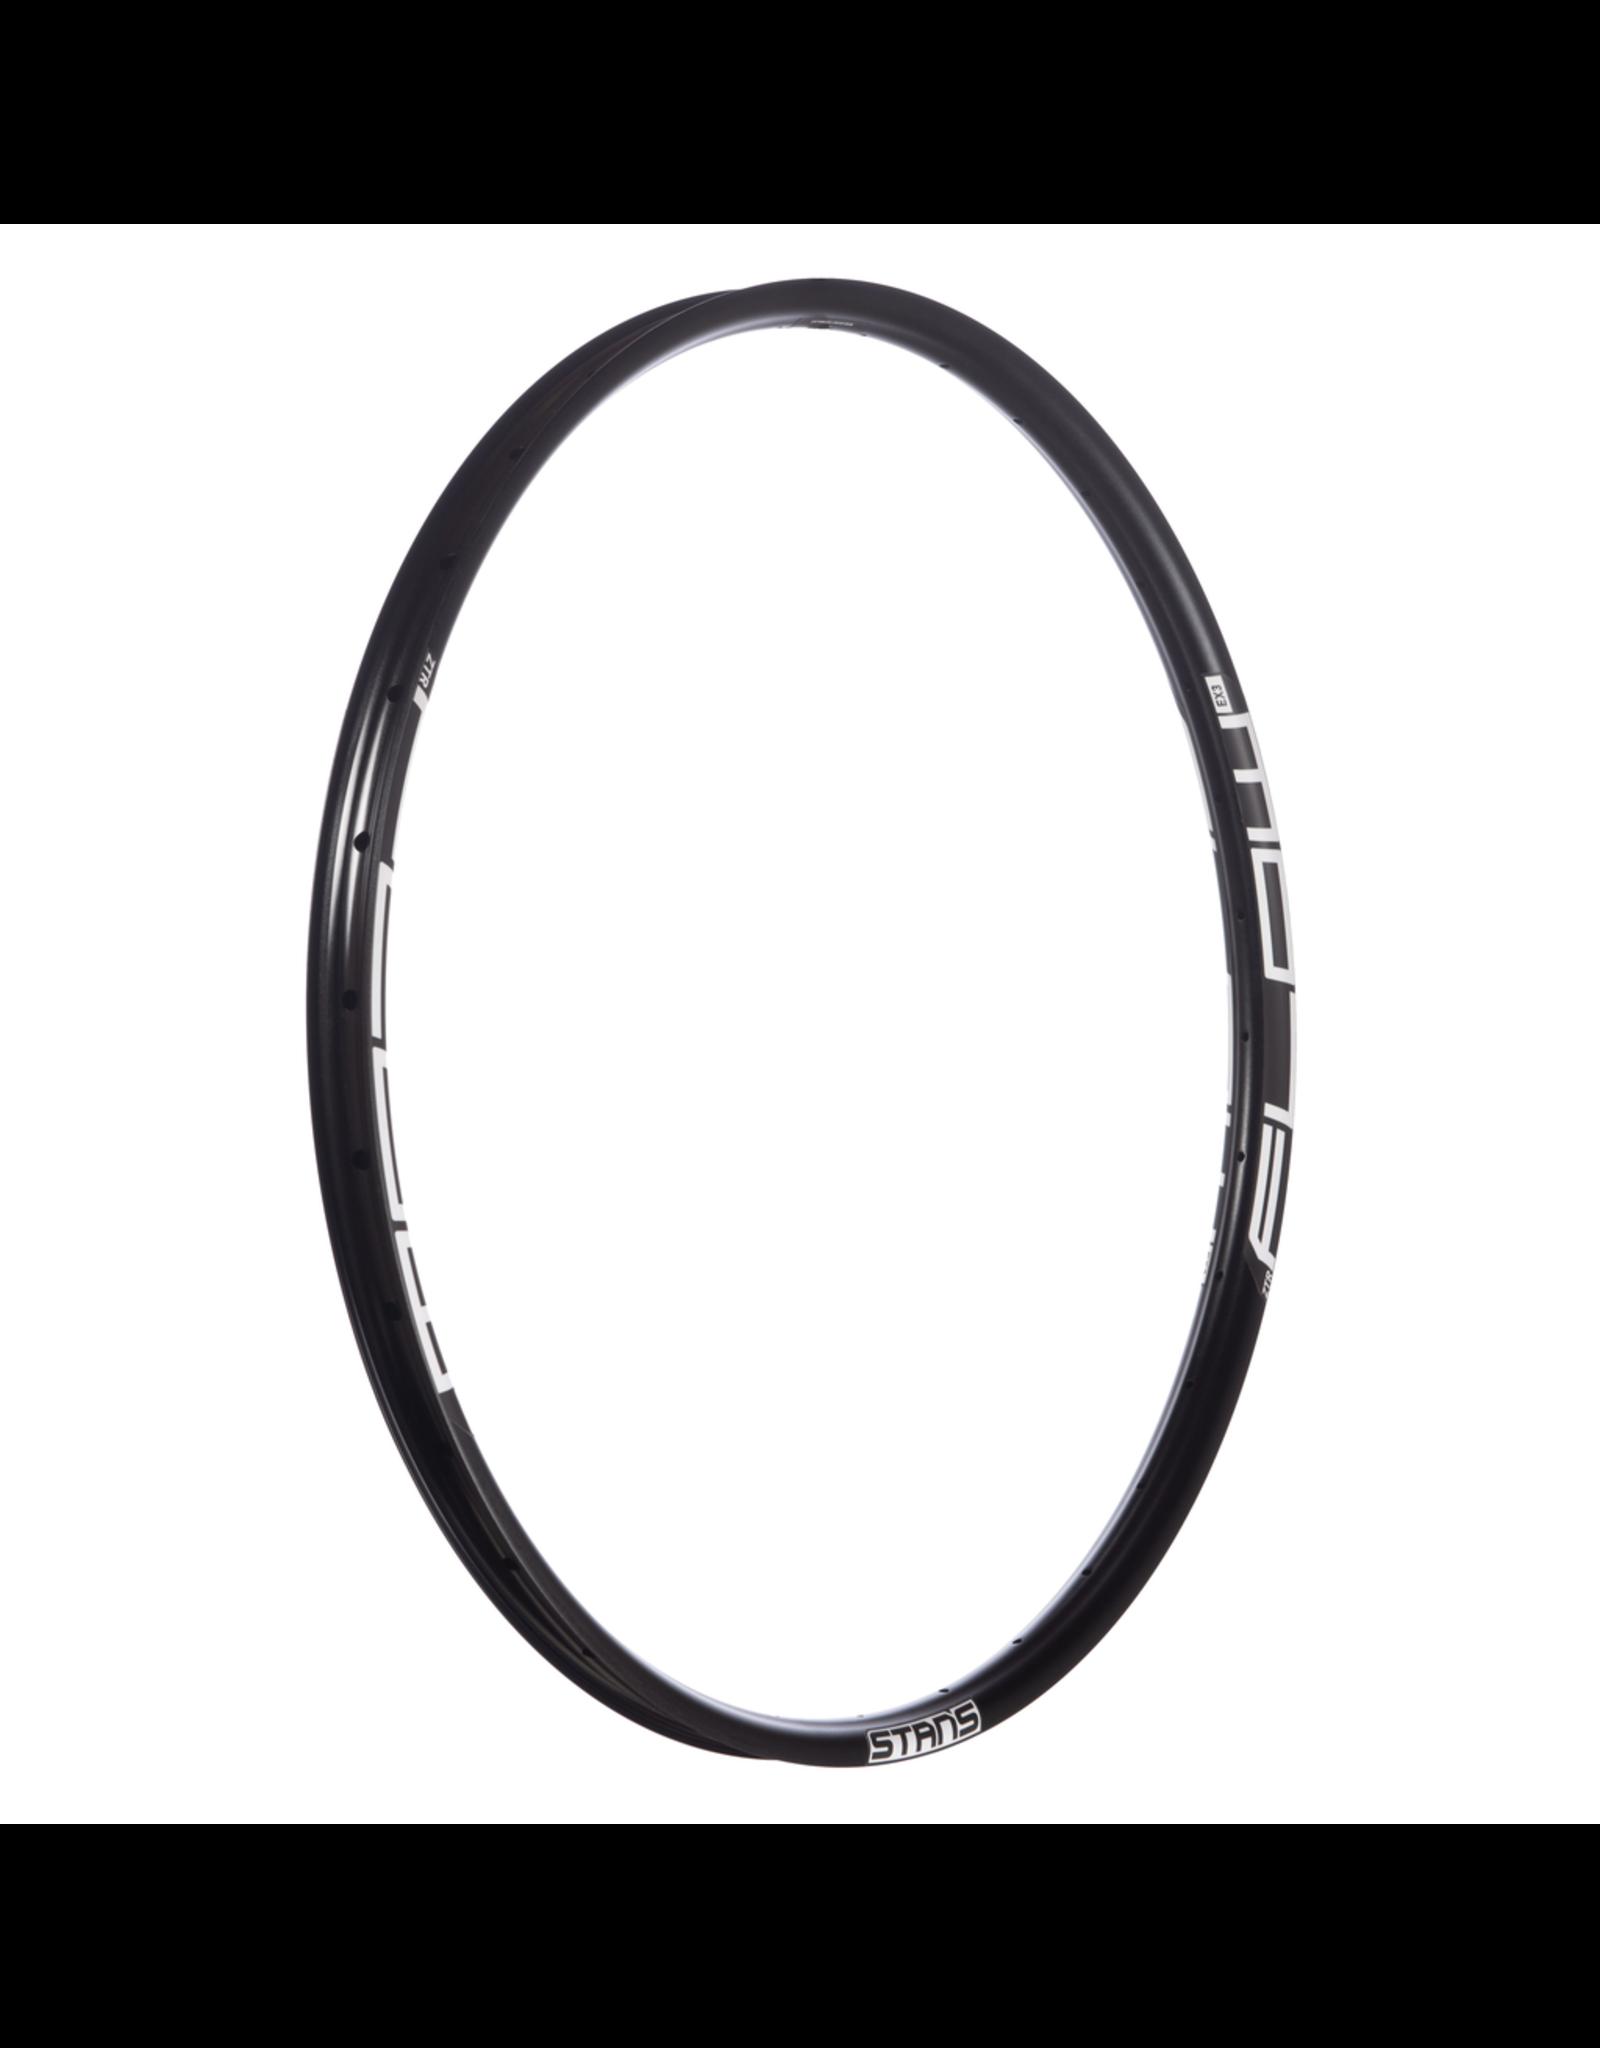 """Stans No Tubes RIM 27.5"""" STANS NOTUBES FLOW EX332H, BLACK DISC ISO ERD 564mm 584x29.0"""